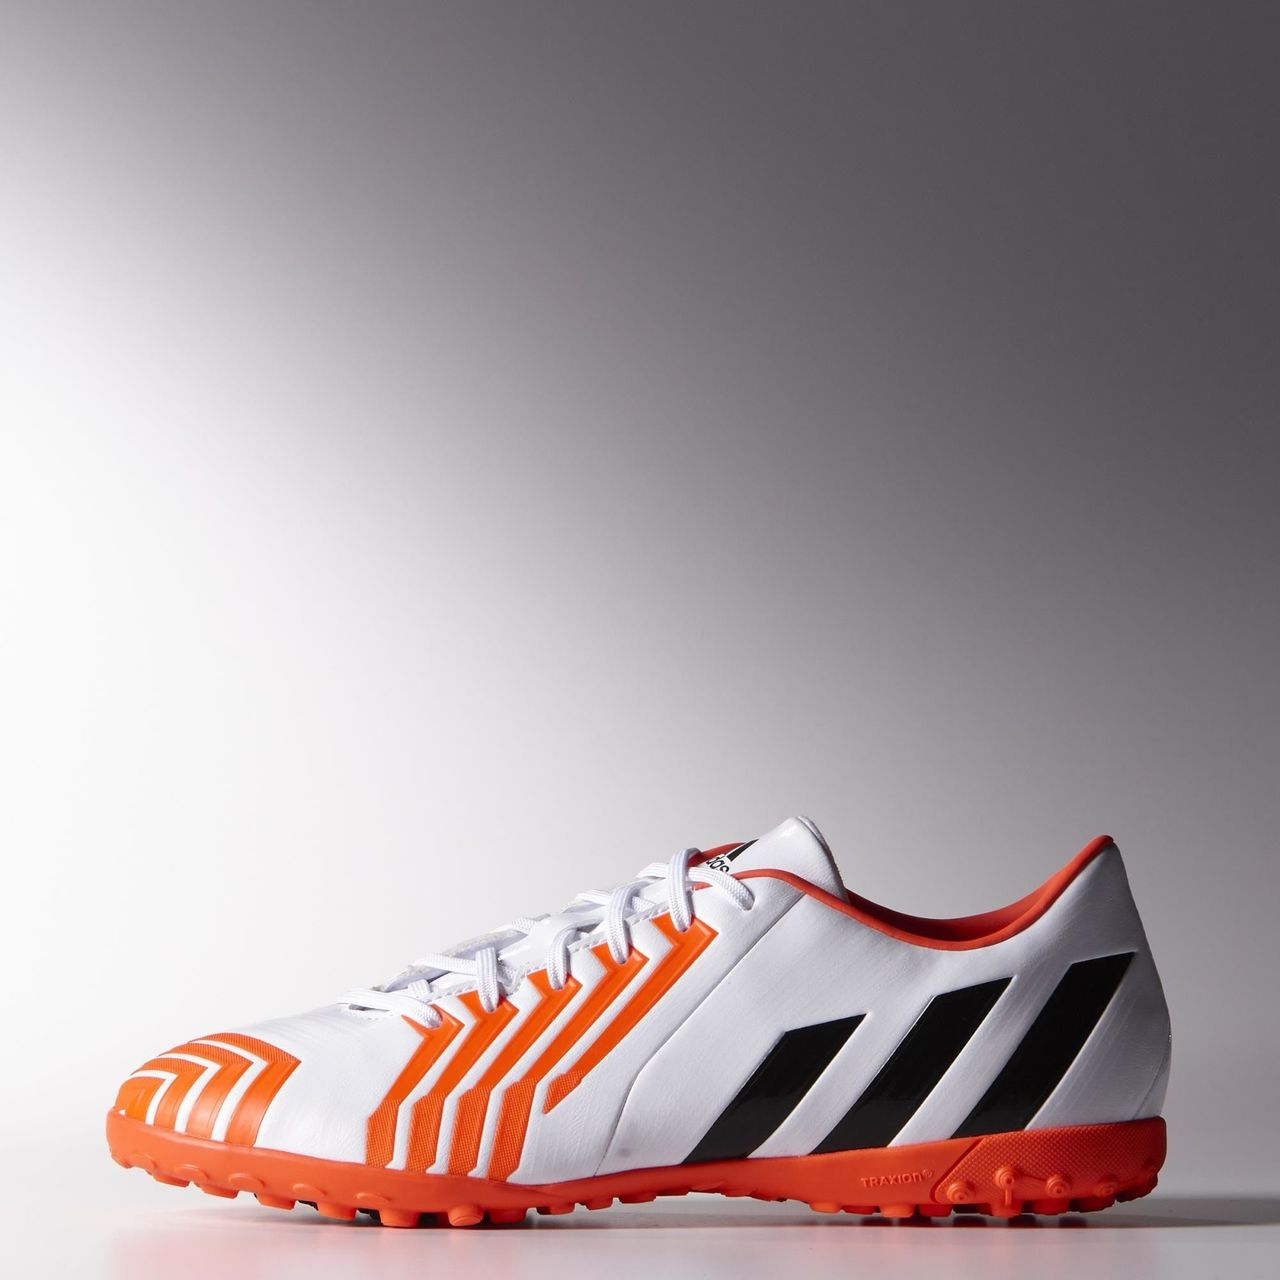 cb0e5f5f283c Adidas Predator Absolado Instinct TF Shoes - Ftwr White   Core Black ...